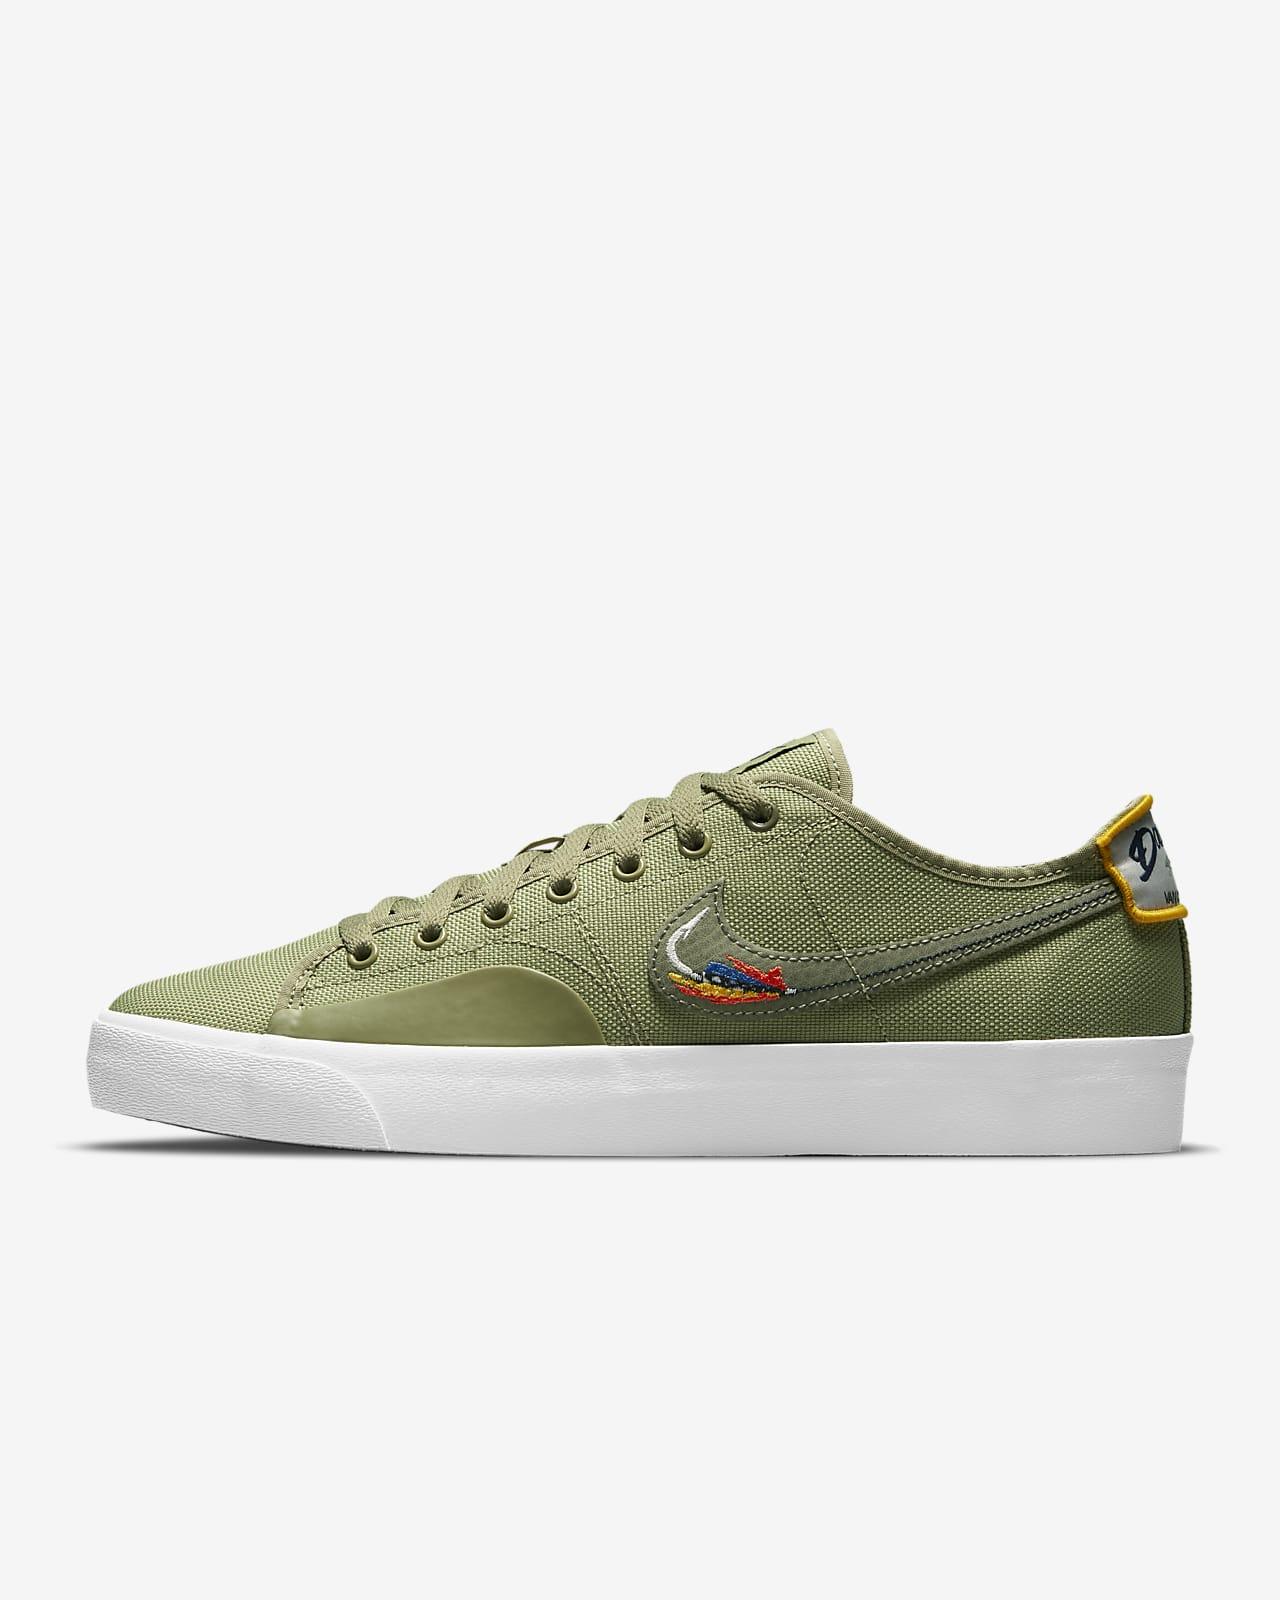 Buty do skateboardingu Nike SB BLZR Court DVDL